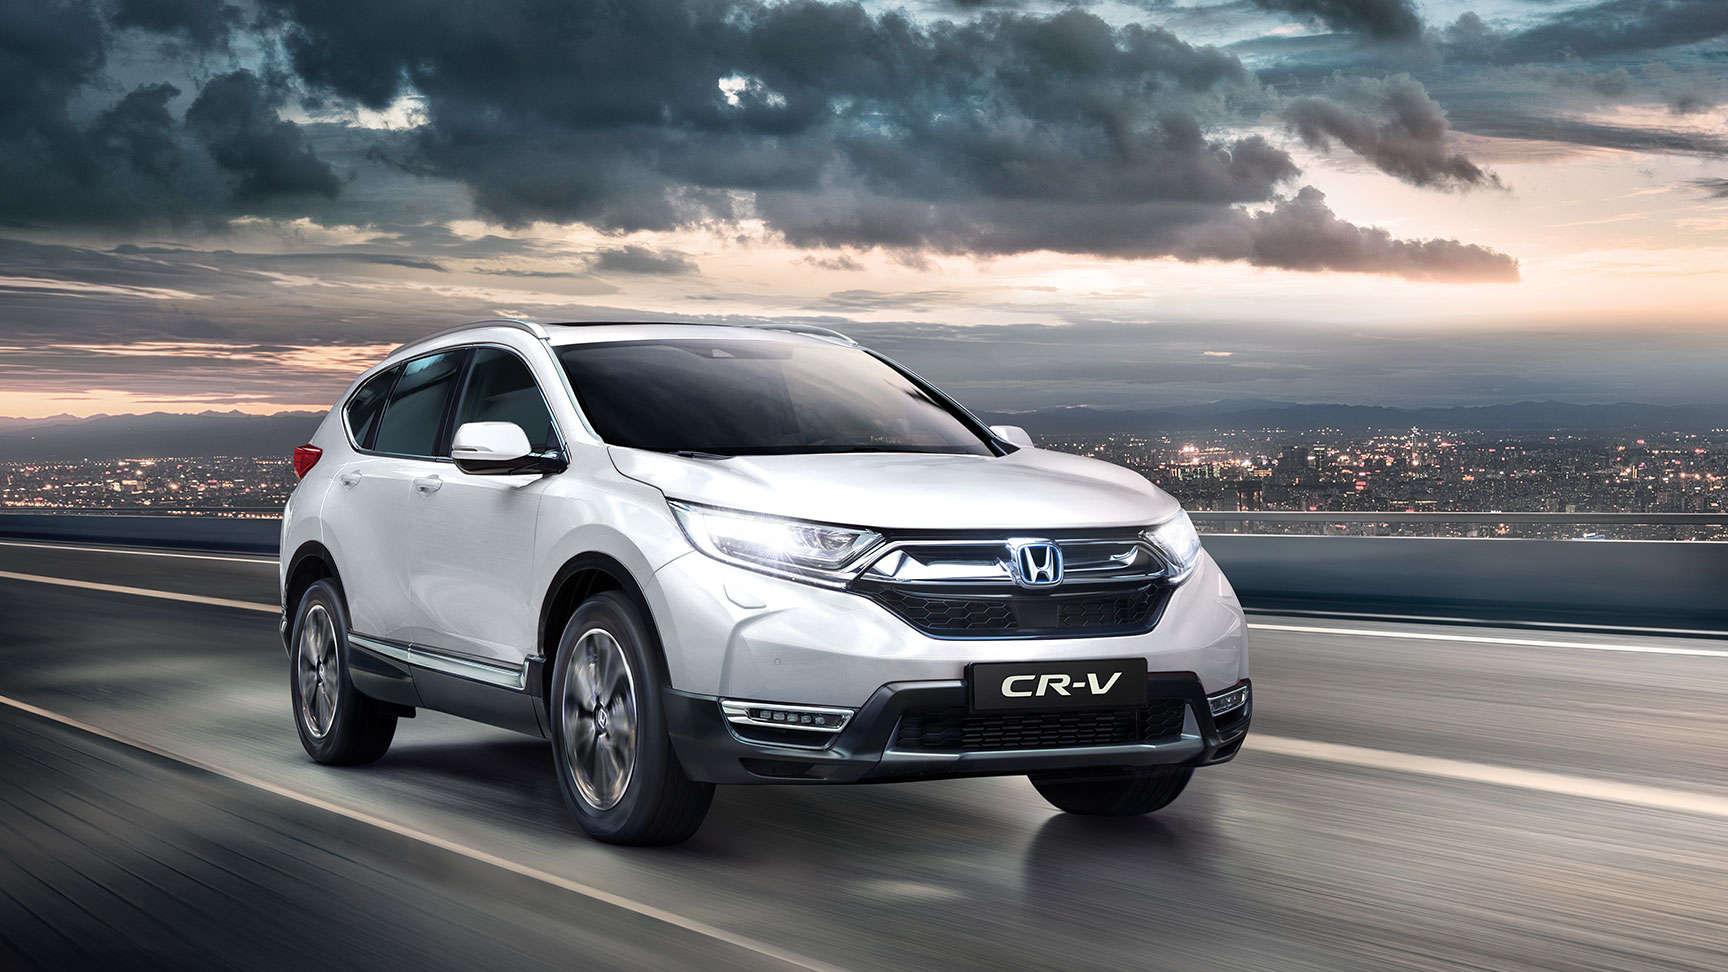 Predný trojštvrťový pohľad na model Honda CR-V so zapnutými diaľkovými svetlami